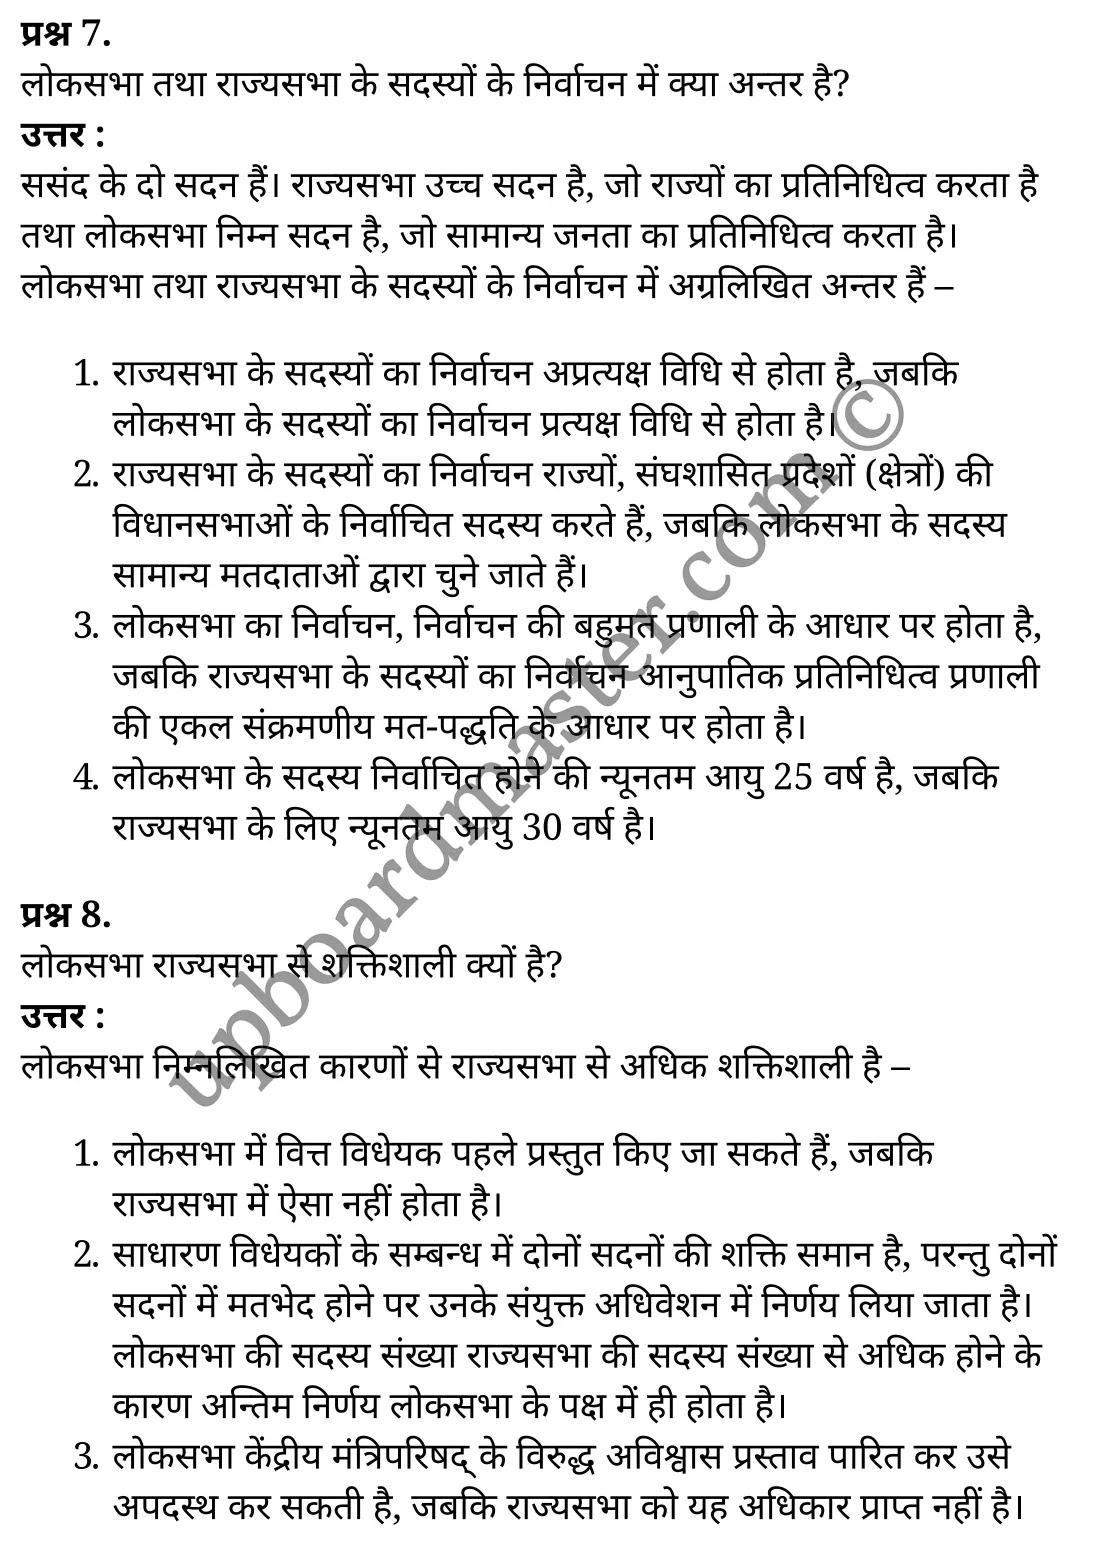 कक्षा 11 नागरिकशास्त्र  राजनीति विज्ञान अध्याय 5  के नोट्स  हिंदी में एनसीईआरटी समाधान,   class 11 civics chapter 5,  class 11 civics chapter 5 ncert solutions in civics,  class 11 civics chapter 5 notes in hindi,  class 11 civics chapter 5 question answer,  class 11 civics chapter 5 notes,  class 11 civics chapter 5 class 11 civics  chapter 5 in  hindi,   class 11 civics chapter 5 important questions in  hindi,  class 11 civics hindi  chapter 5 notes in hindi,   class 11 civics  chapter 5 test,  class 11 civics  chapter 5 class 11 civics  chapter 5 pdf,  class 11 civics  chapter 5 notes pdf,  class 11 civics  chapter 5 exercise solutions,  class 11 civics  chapter 5, class 11 civics  chapter 5 notes study rankers,  class 11 civics  chapter 5 notes,  class 11 civics hindi  chapter 5 notes,   class 11 civics   chapter 5  class 11  notes pdf,  class 11 civics  chapter 5 class 11  notes  ncert,  class 11 civics  chapter 5 class 11 pdf,  class 11 civics  chapter 5  book,  class 11 civics  chapter 5 quiz class 11  ,     11  th class 11 civics chapter 5    book up board,   up board 11  th class 11 civics chapter 5 notes,  class 11 civics  Political Science chapter 5,  class 11 civics  Political Science chapter 5 ncert solutions in civics,  class 11 civics  Political Science chapter 5 notes in hindi,  class 11 civics  Political Science chapter 5 question answer,  class 11 civics  Political Science  chapter 5 notes,  class 11 civics  Political Science  chapter 5 class 11 civics  chapter 5 in  hindi,   class 11 civics  Political Science chapter 5 important questions in  hindi,  class 11 civics  Political Science  chapter 5 notes in hindi,   class 11 civics  Political Science  chapter 5 test,  class 11 civics  Political Science  chapter 5 class 11 civics  chapter 5 pdf,  class 11 civics  Political Science chapter 5 notes pdf,  class 11 civics  Political Science  chapter 5 exercise solutions,  class 11 civics  Political Science  chapter 5, class 11 civics  Political Science  c